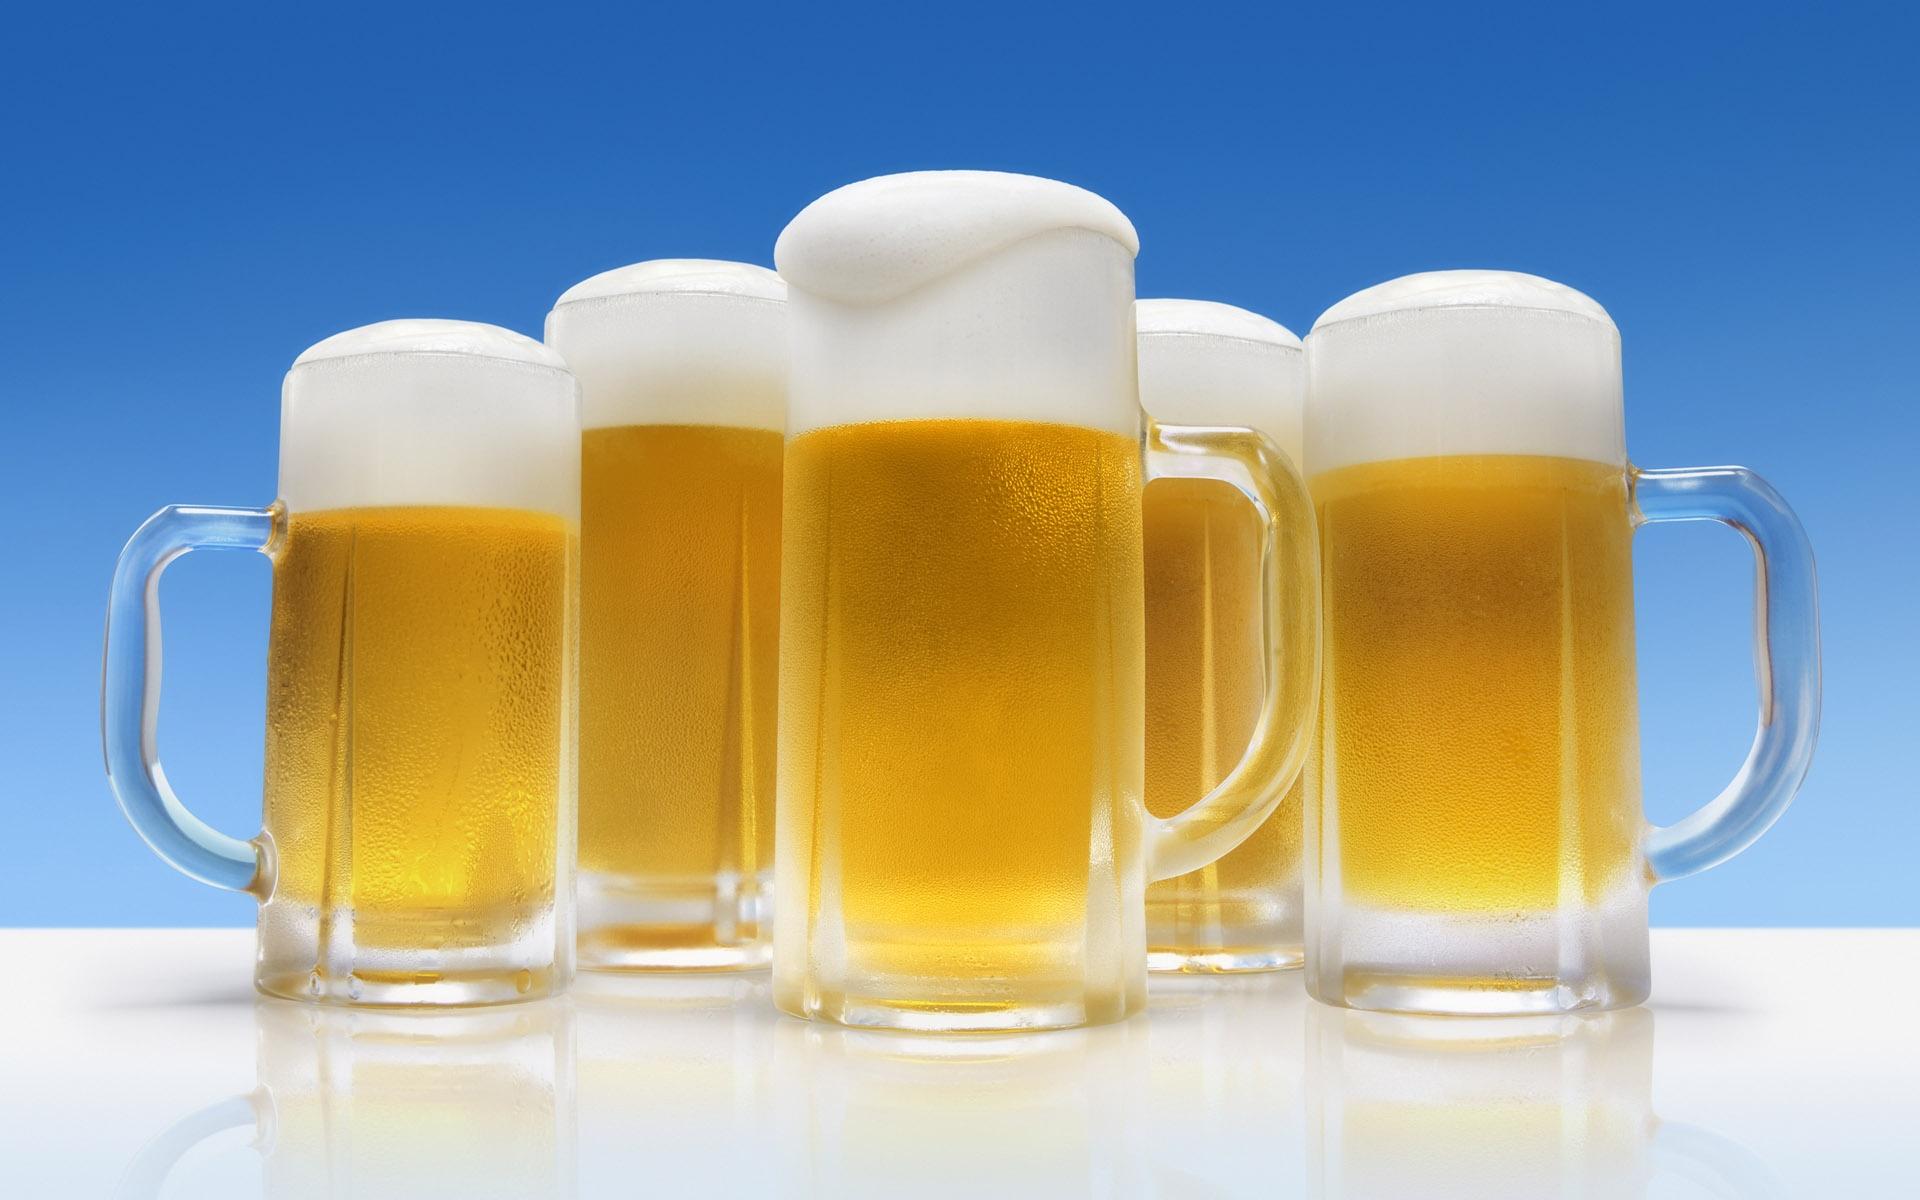 涼しい夏のビール 640x1136 Iphone 5 5s 5c Se 壁紙 背景 画像